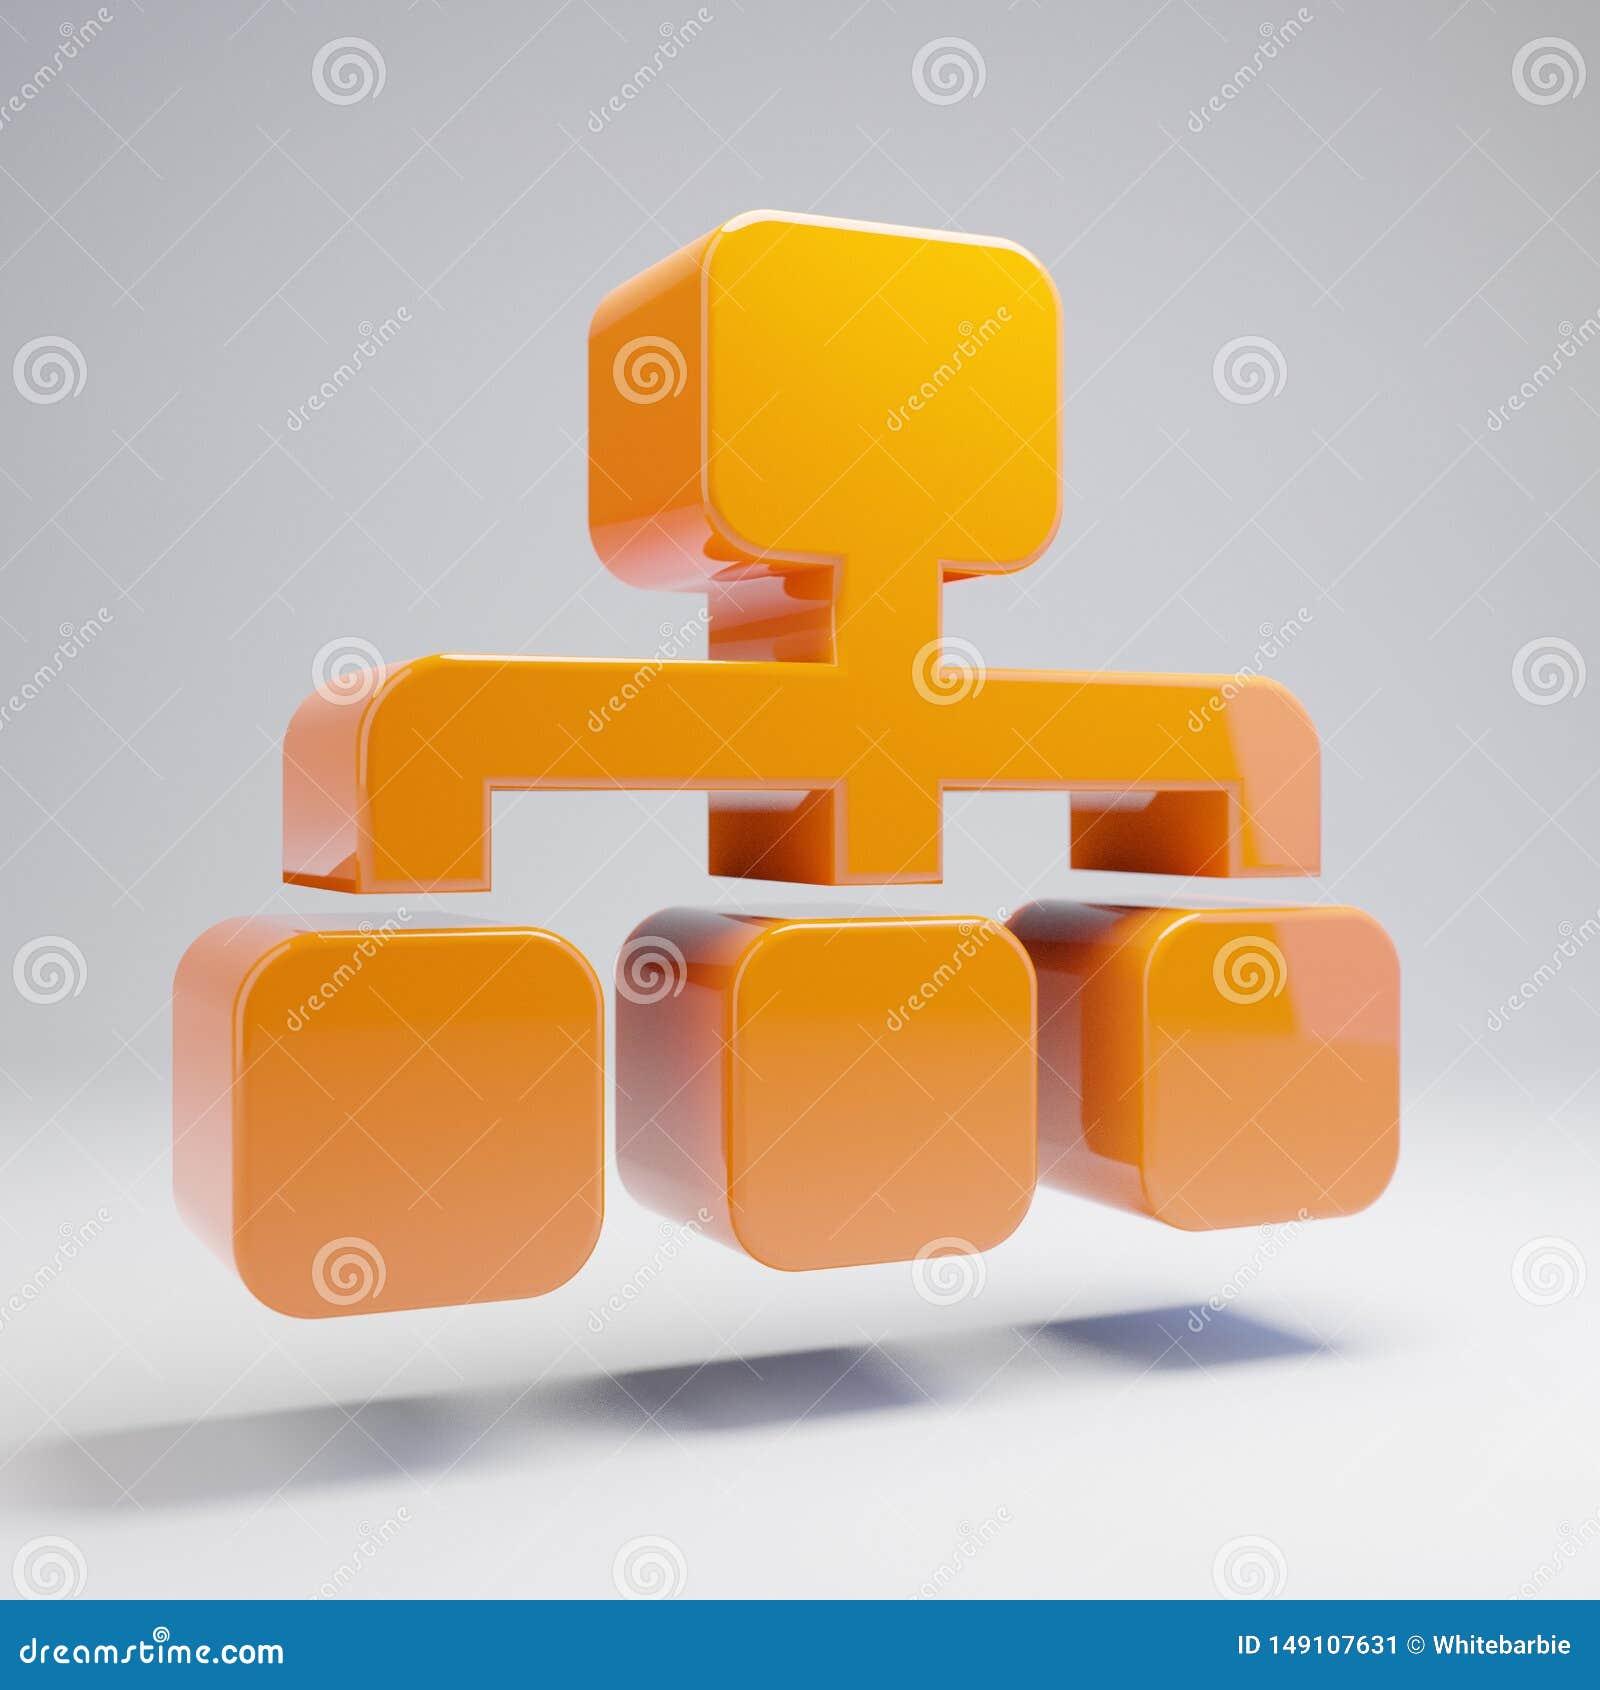 Ογκομετρικό στιλπνό καυτό πορτοκαλί εικονίδιο Sitemap που απομονώνεται στο άσπρο υπόβαθρο